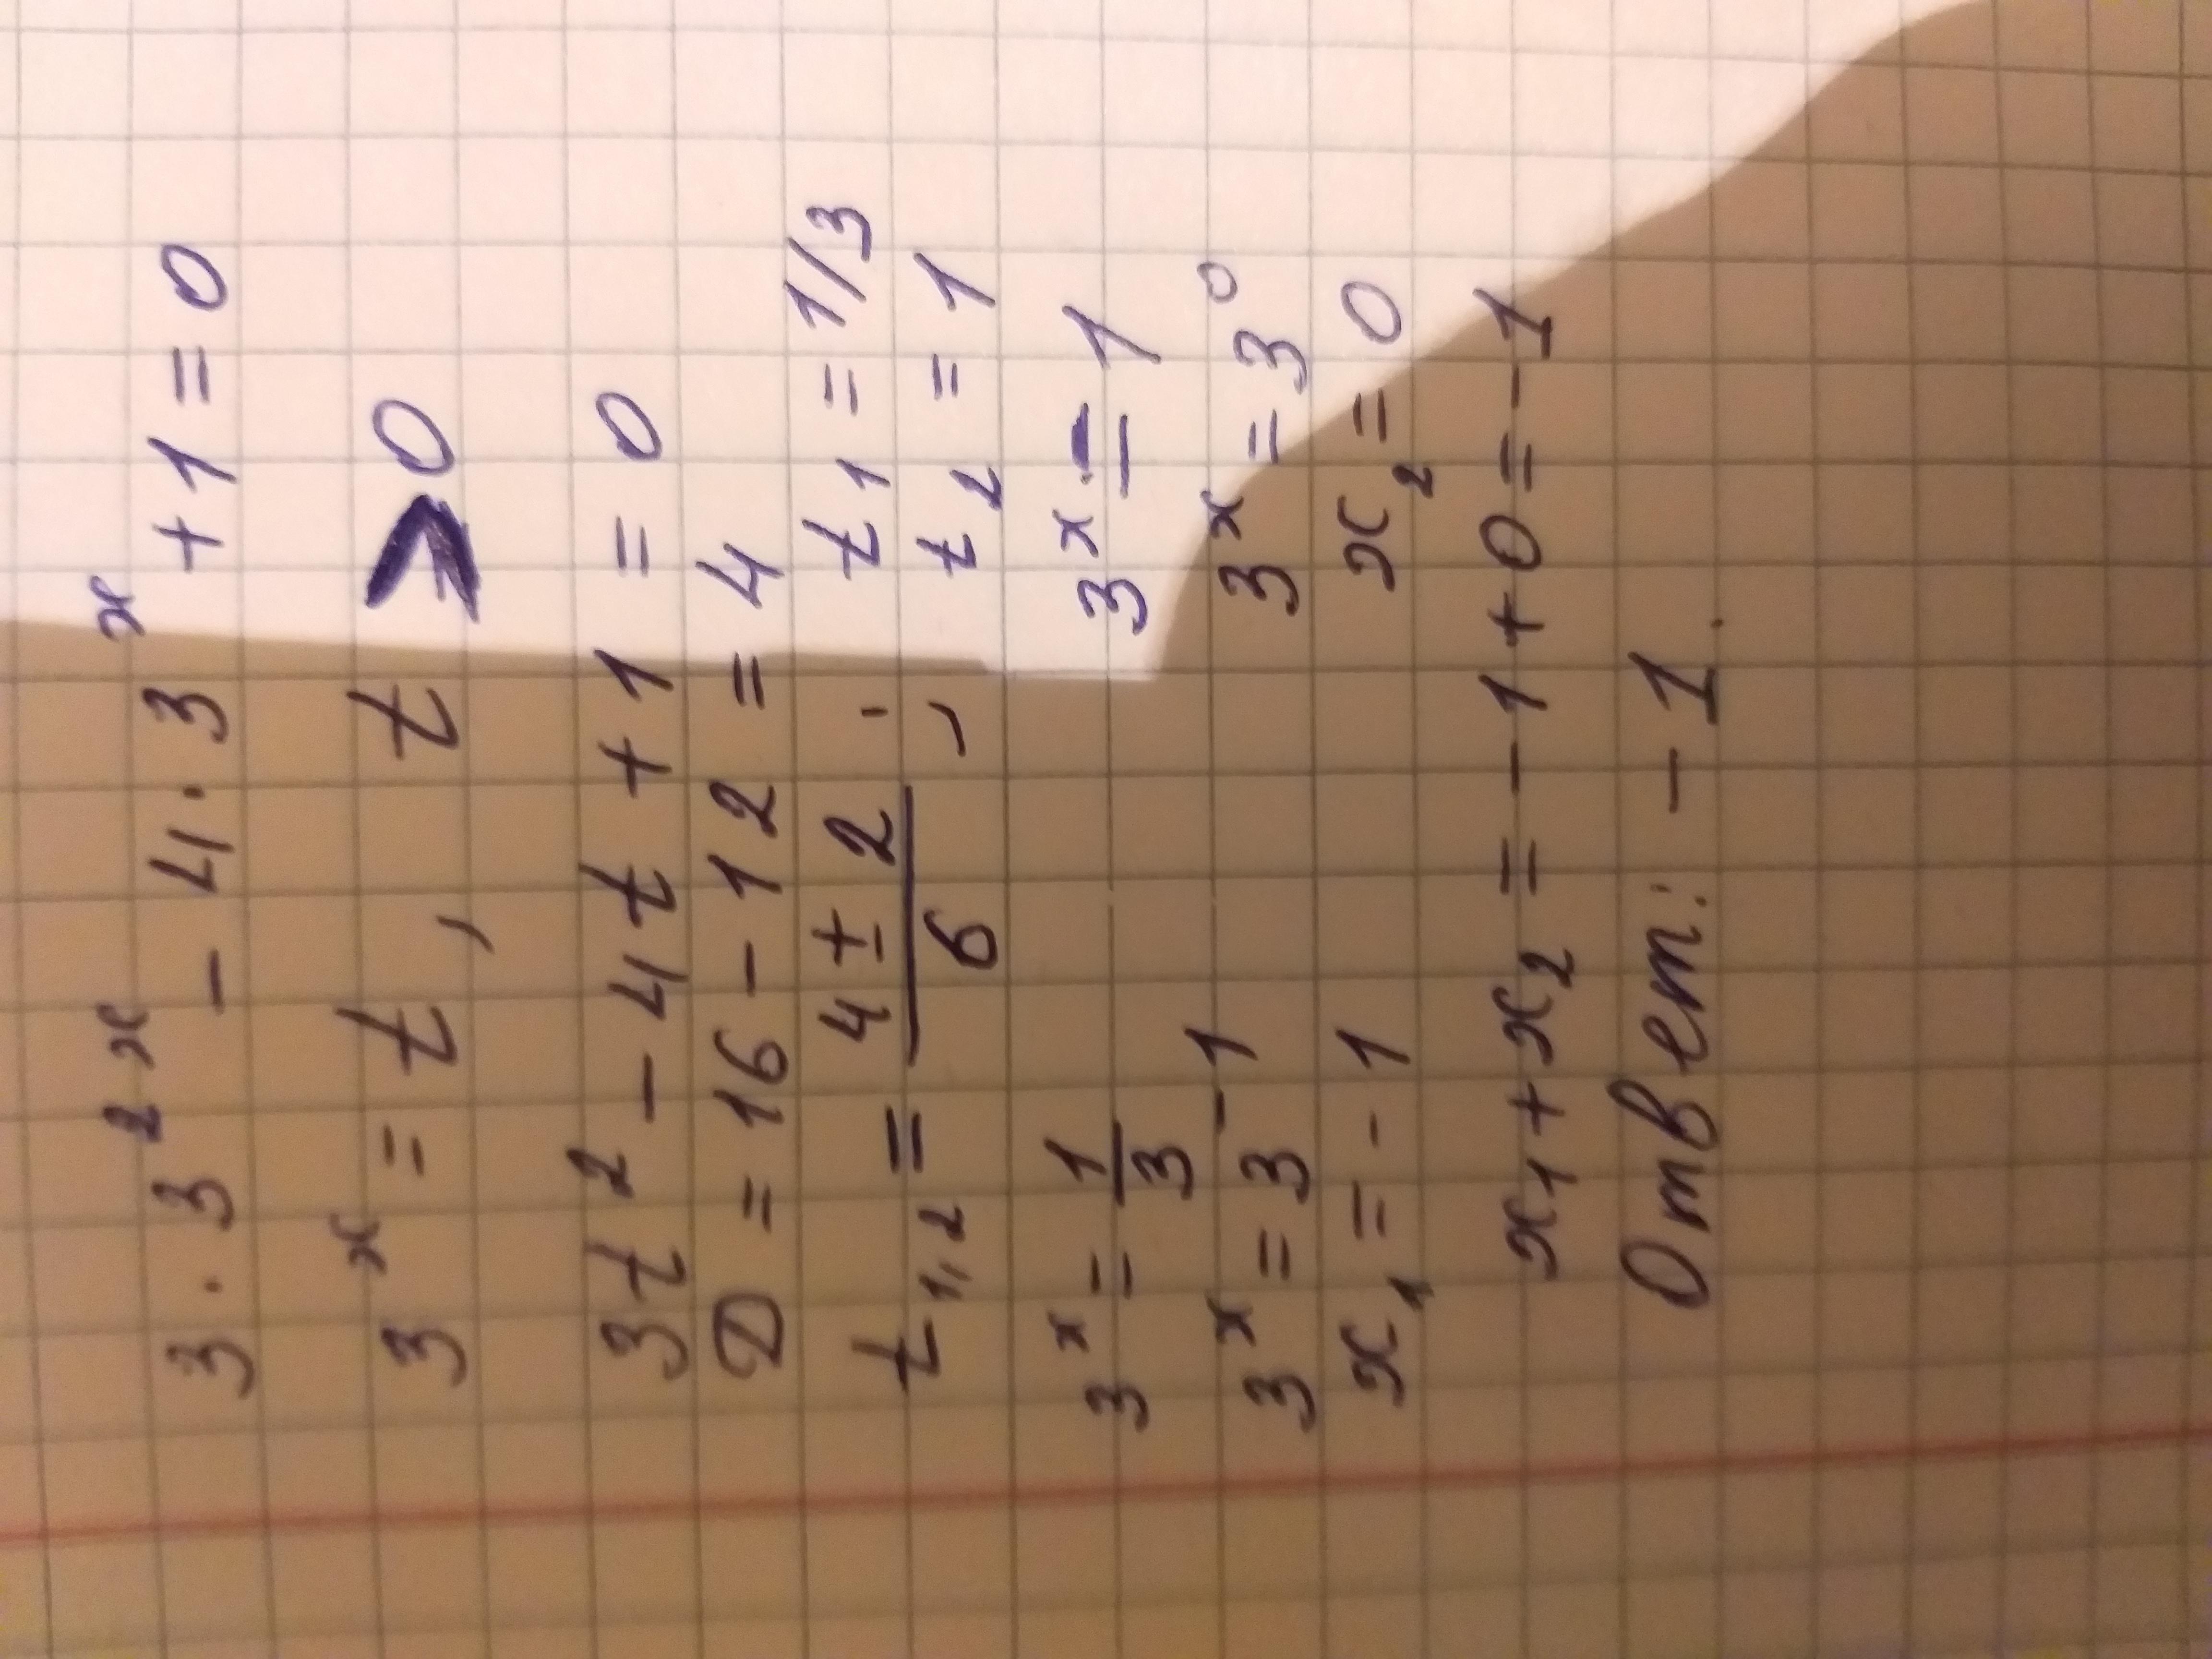 РЕШИТЕ УРАВНЕНИЕ 3*3^2X -4*3^X +1=0 В ОТВЕТЕ